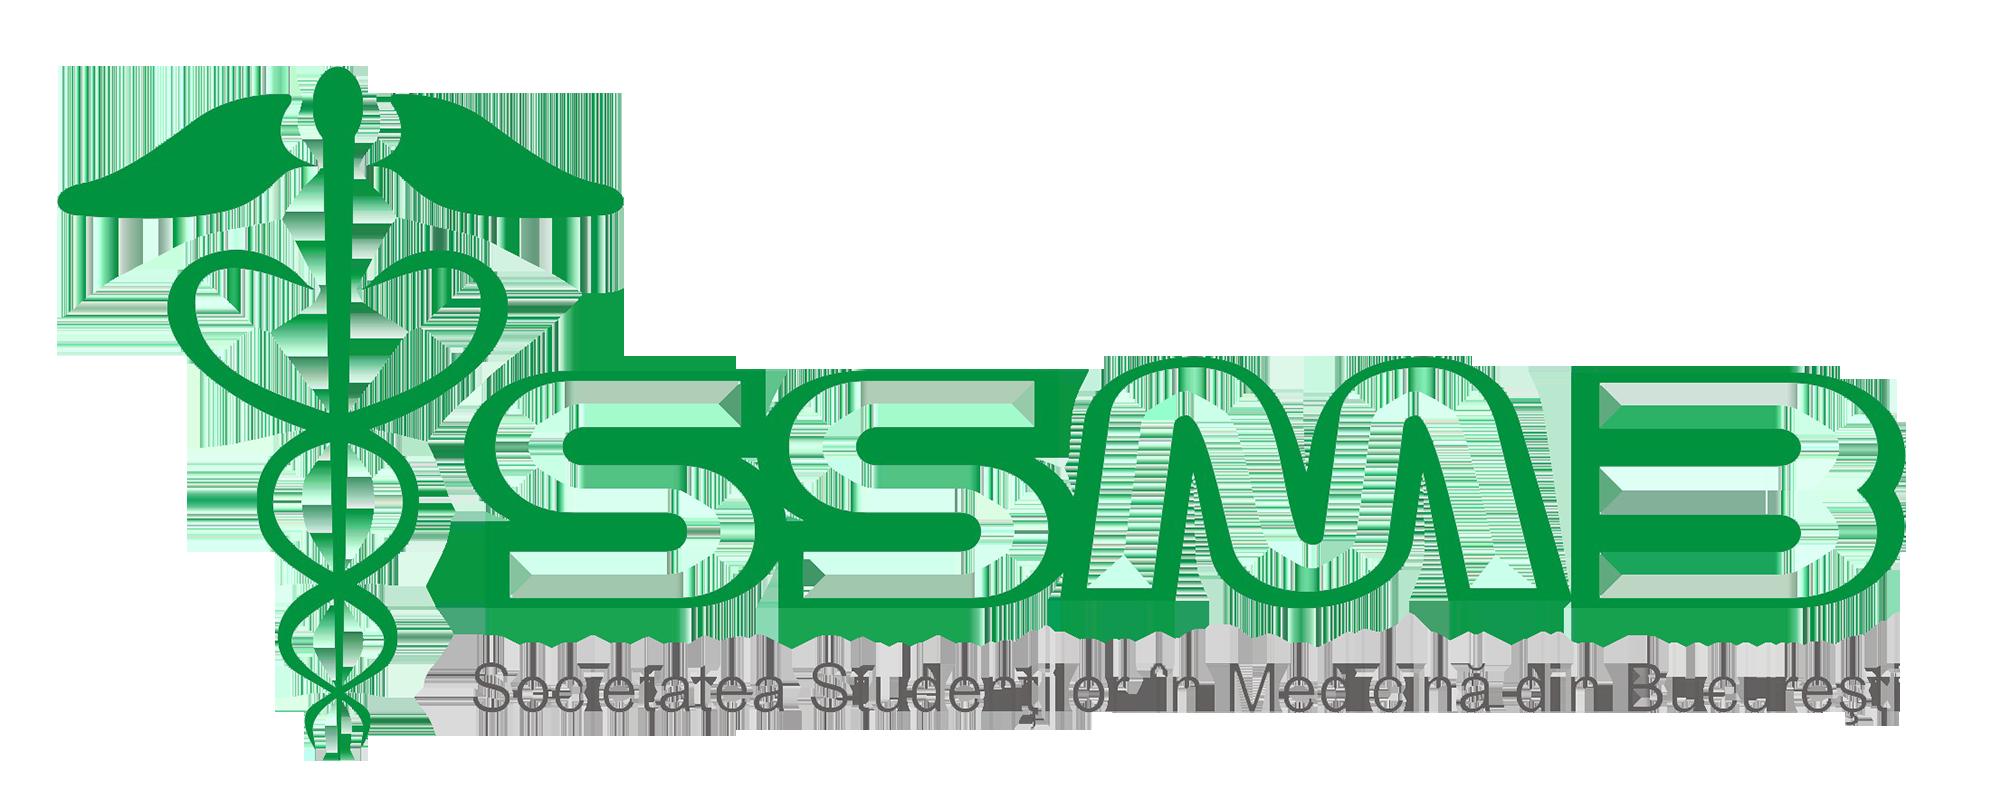 SOCIETATEA STUDENȚILOR ÎN MEDICINĂ DIN BUCUREȘTI (SSMB)